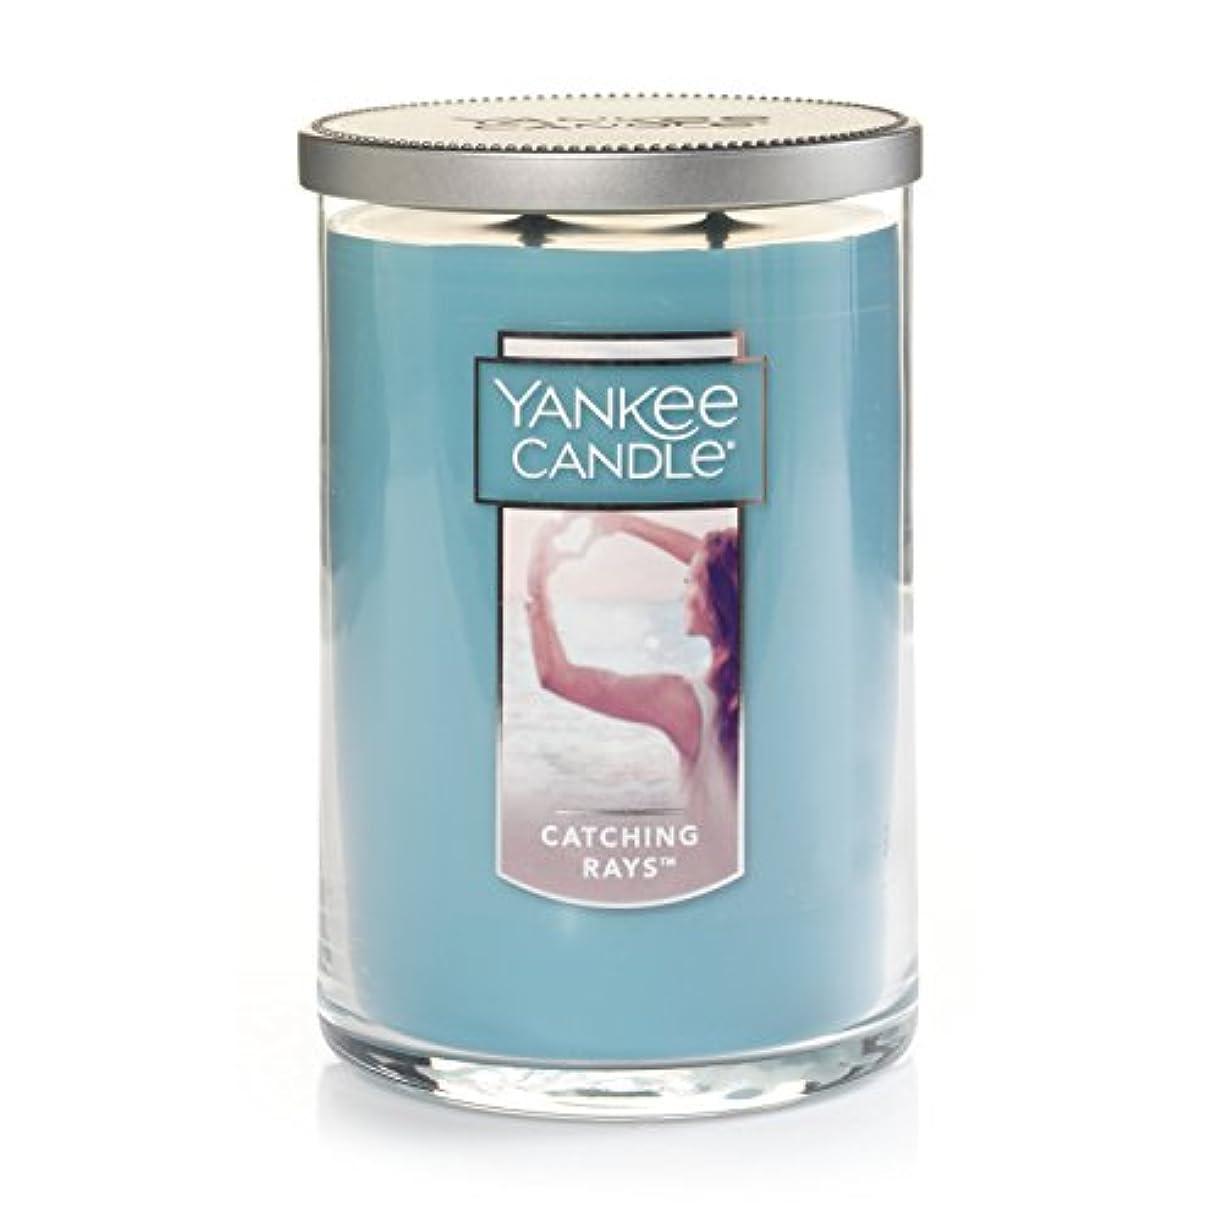 レバーヒューバートハドソン交じる(ヤンキーキャンドル) Yankee Candle Lサイズ ジャーキャンドル Large 2-Wick Tumbler Candle ブルー 1351630Z